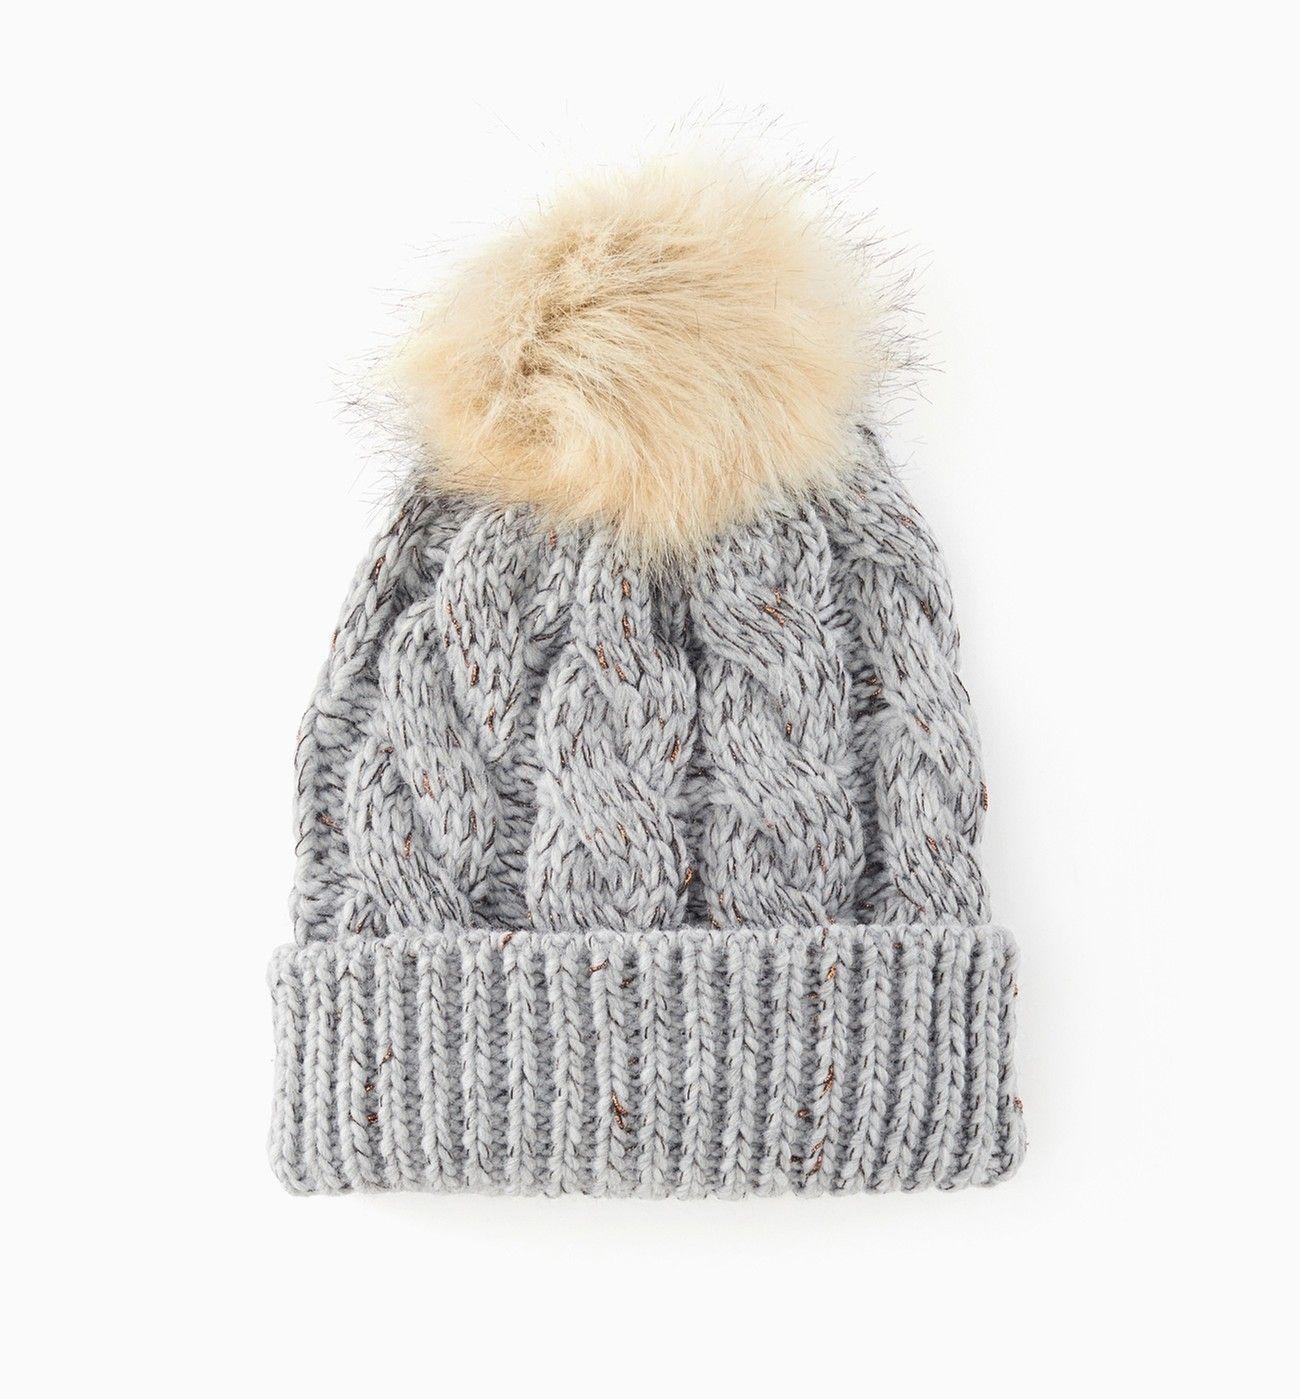 Bonnet à pompon - Gris - Accessoires - Femme - Promod   Anniversaire ... 3b8c515ad6b